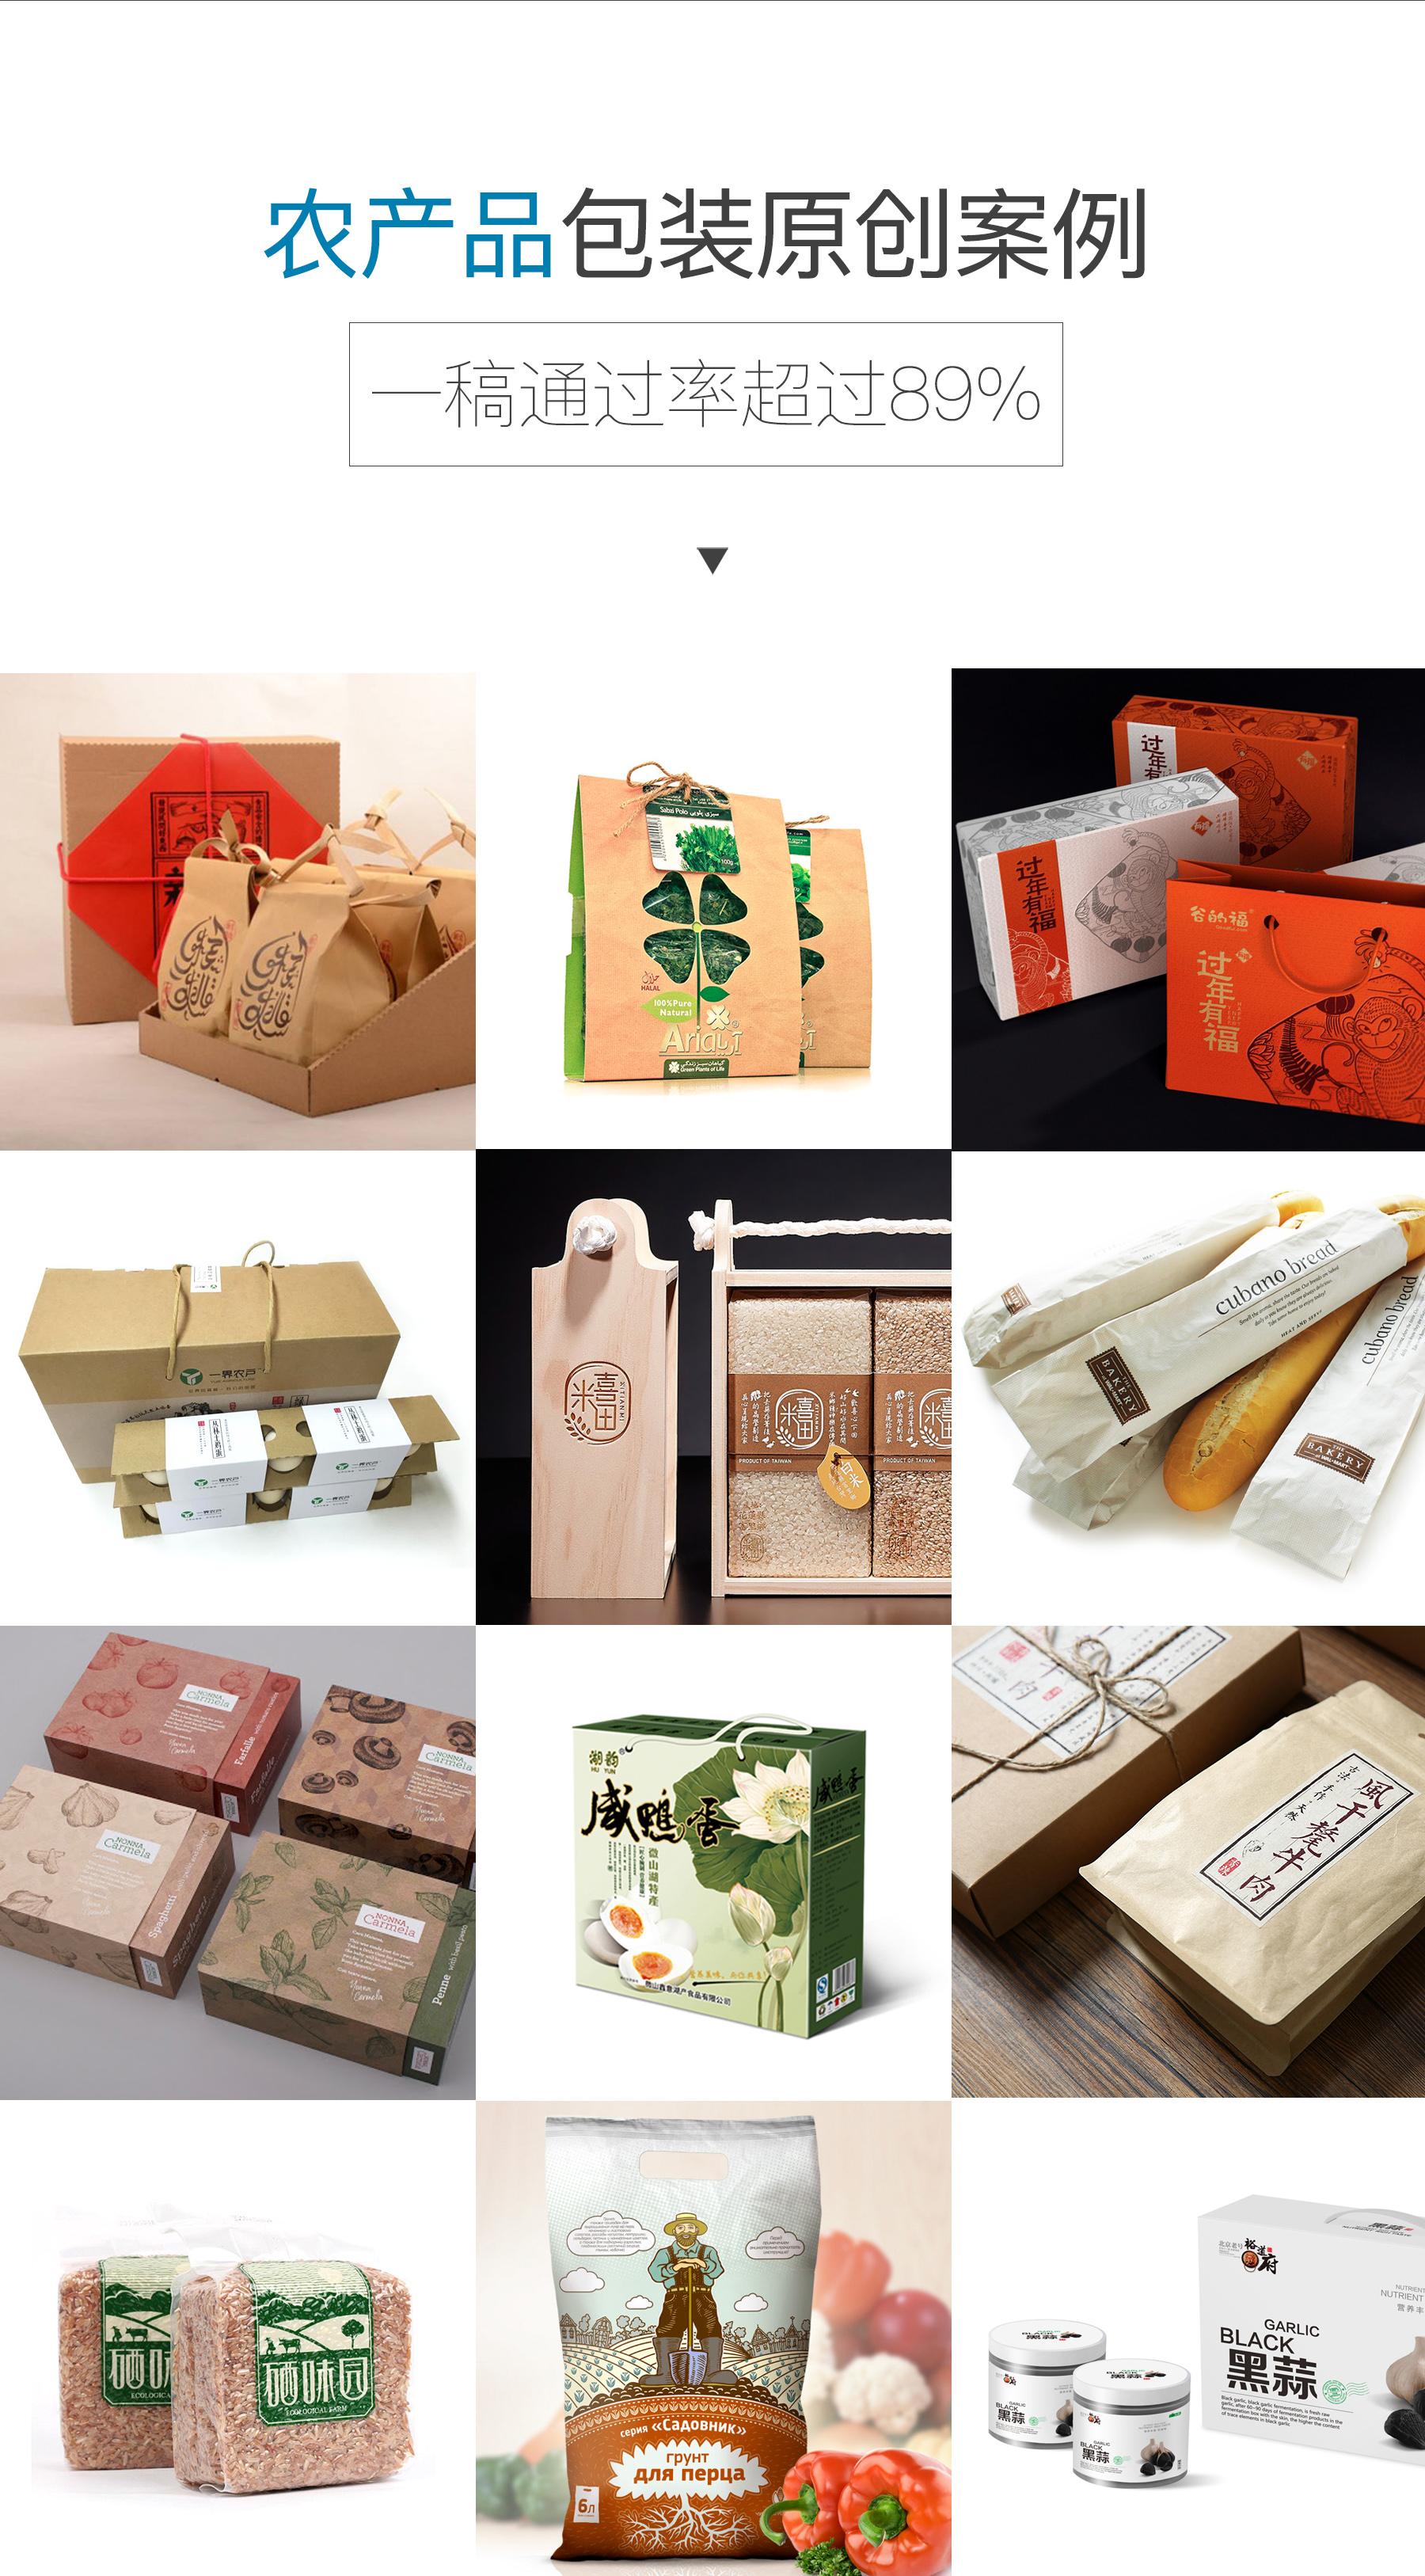 包装设计_【包装】食品酒水茶饮料红酒保健品农产品礼盒母婴原创包装设计5